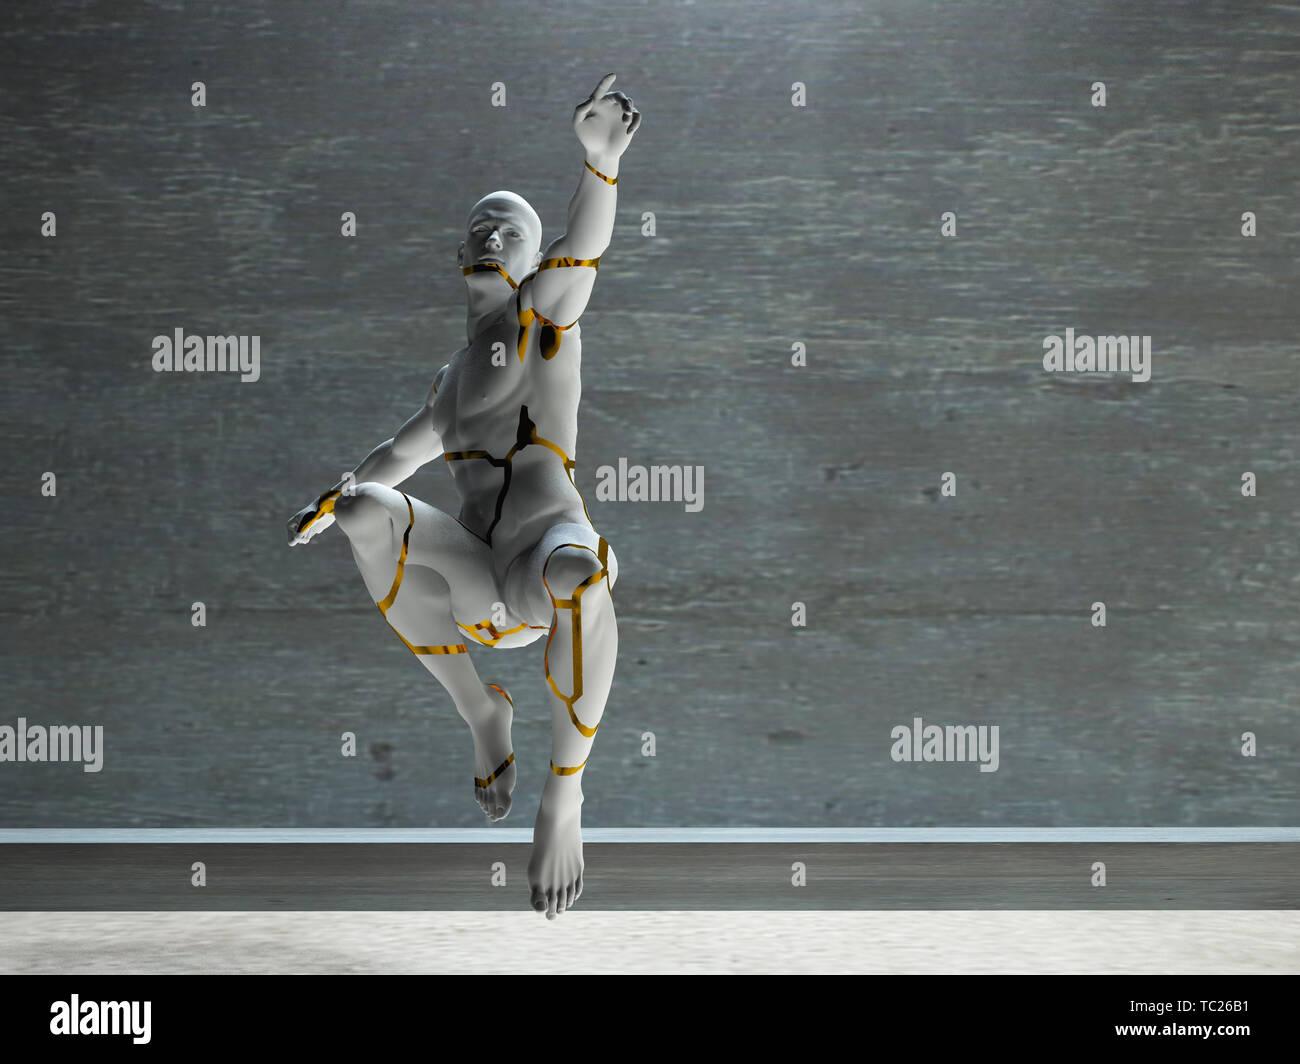 Los hombres la figura de piedra. Hombre en movimiento Imagen De Stock